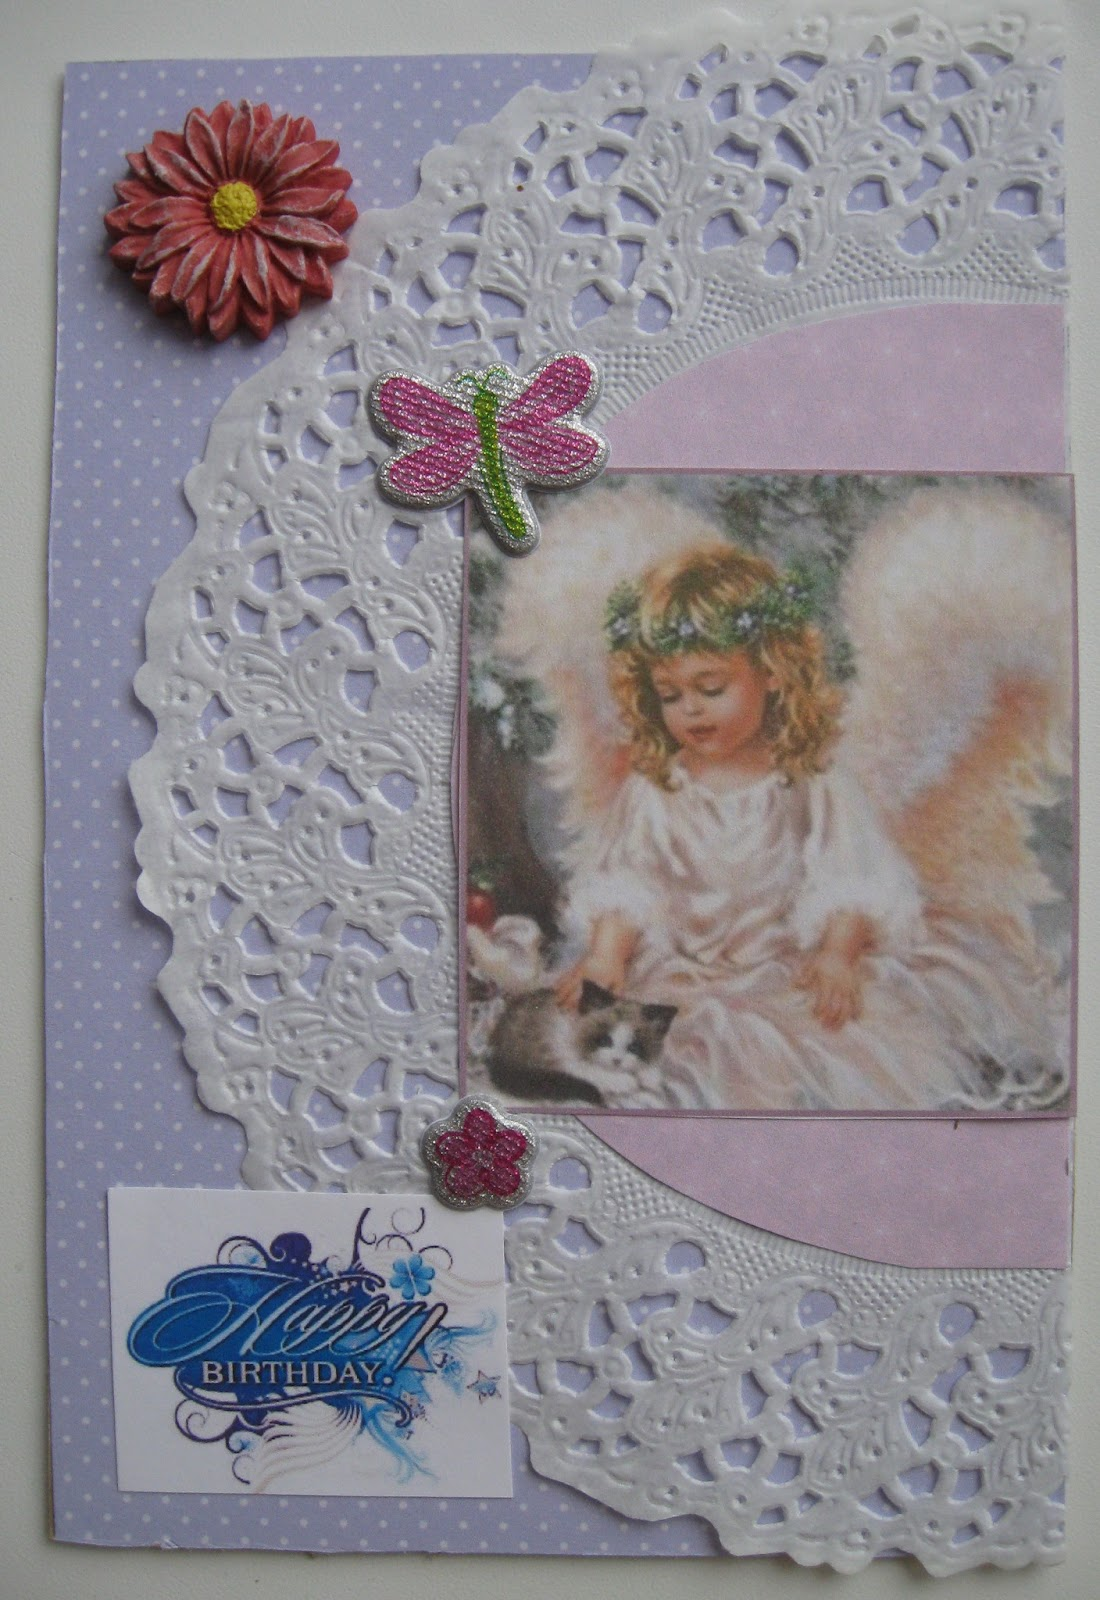 Объёмная картинка в открытке